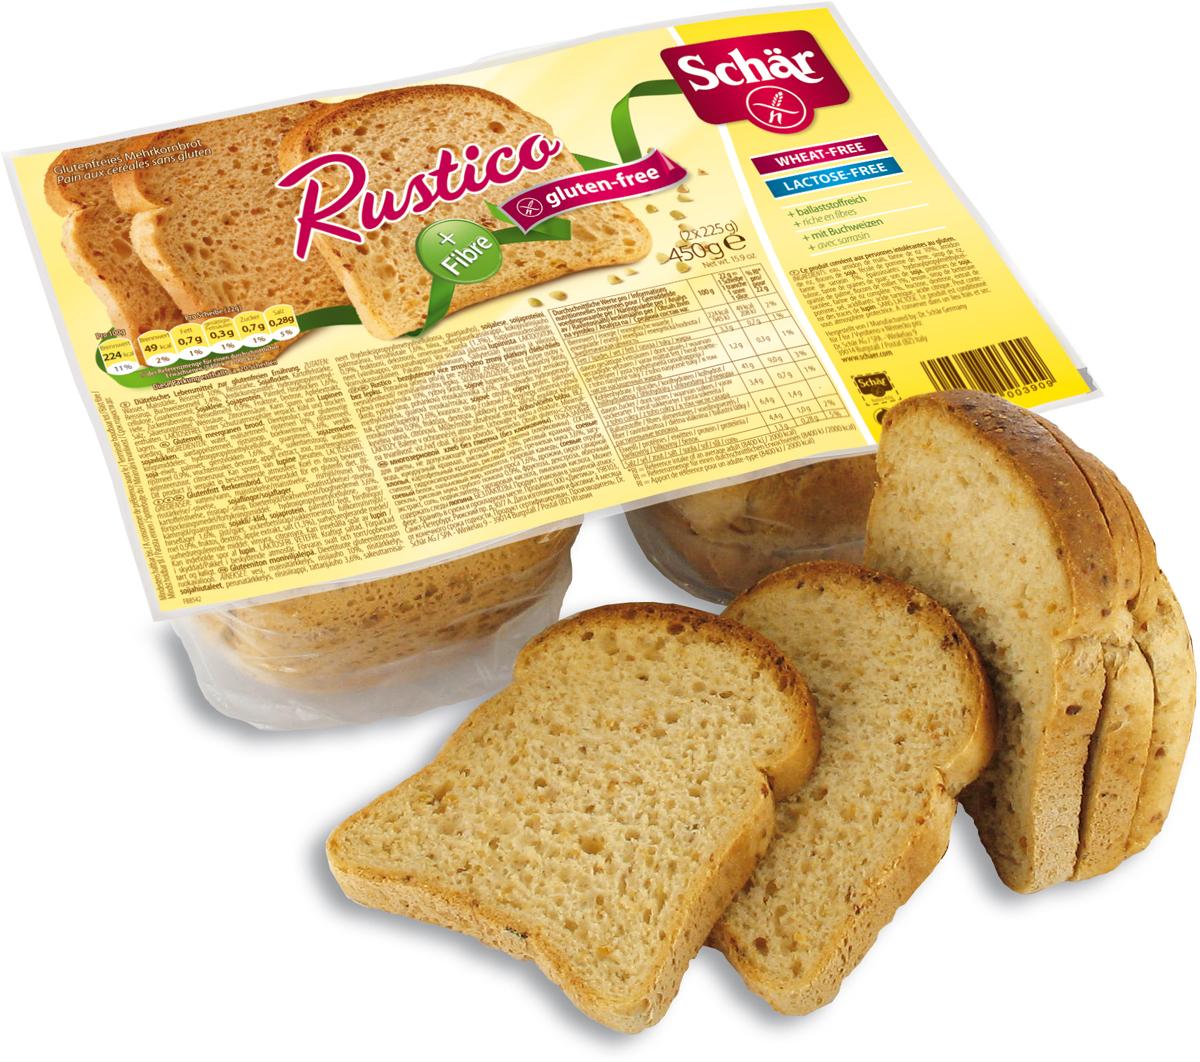 Dr. Schar Rustico Хлеб многозерновой, 450 г хлебная смесь молочный хлеб